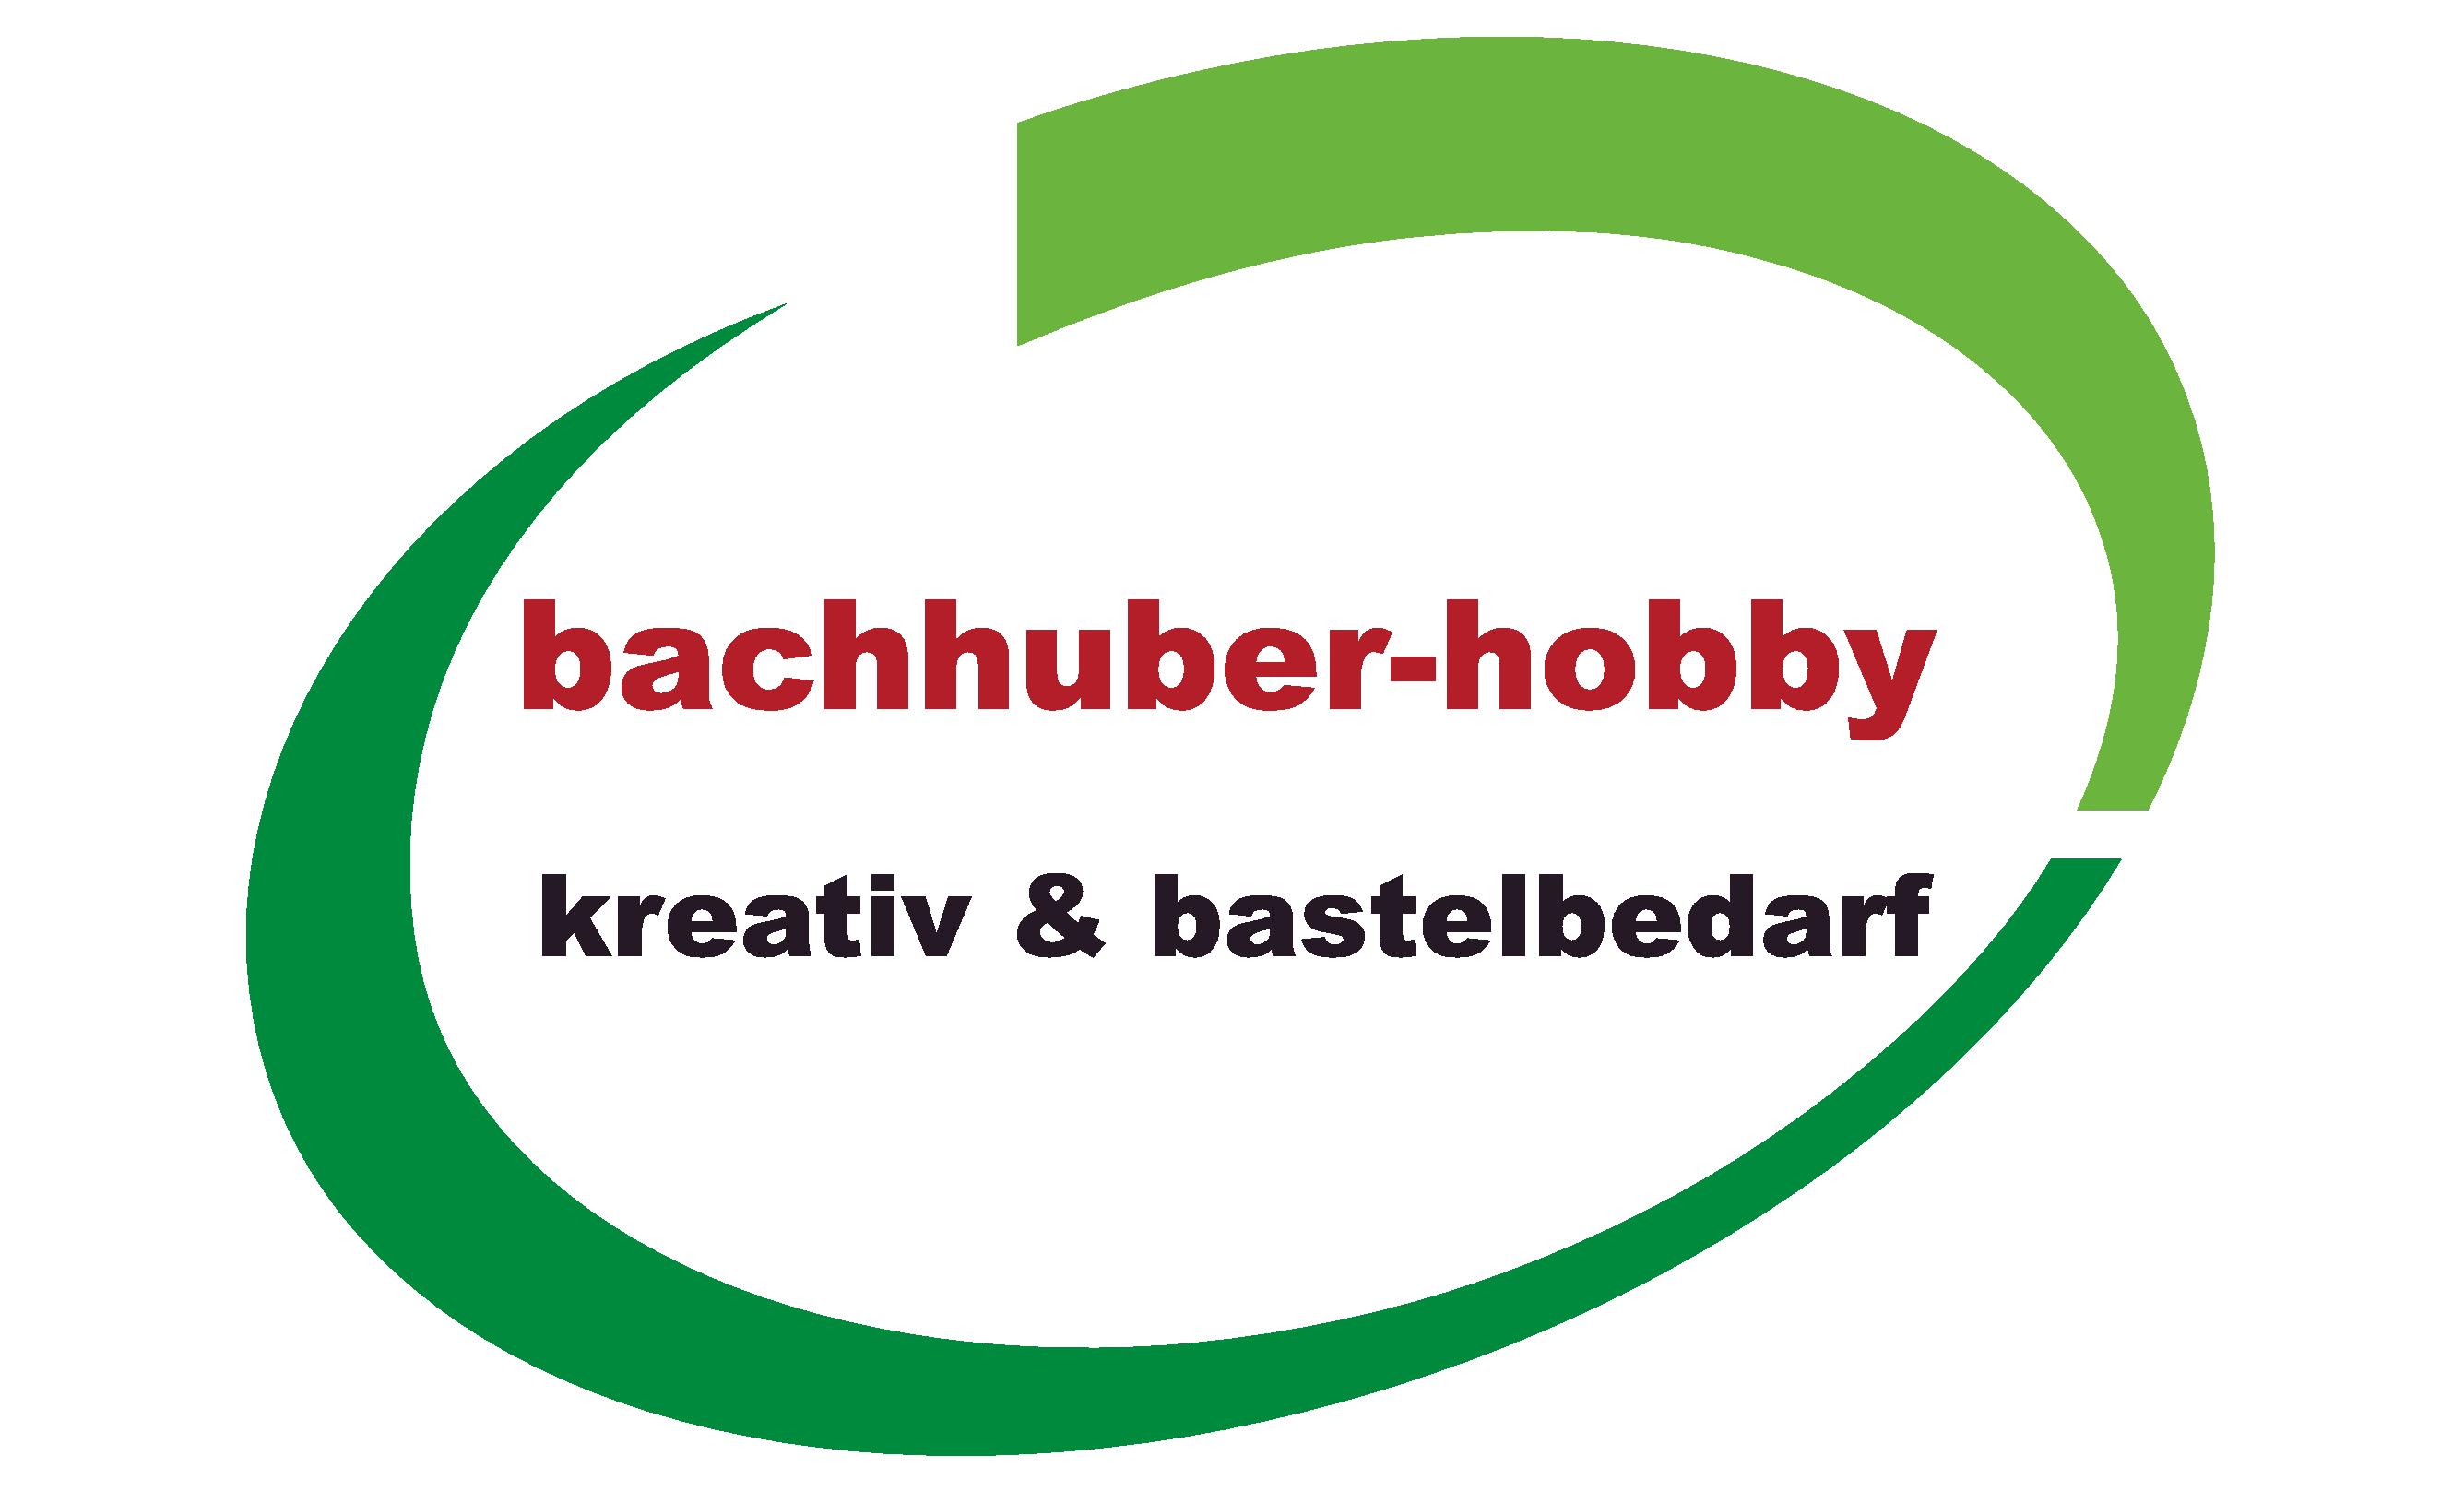 bachhuber-hobby